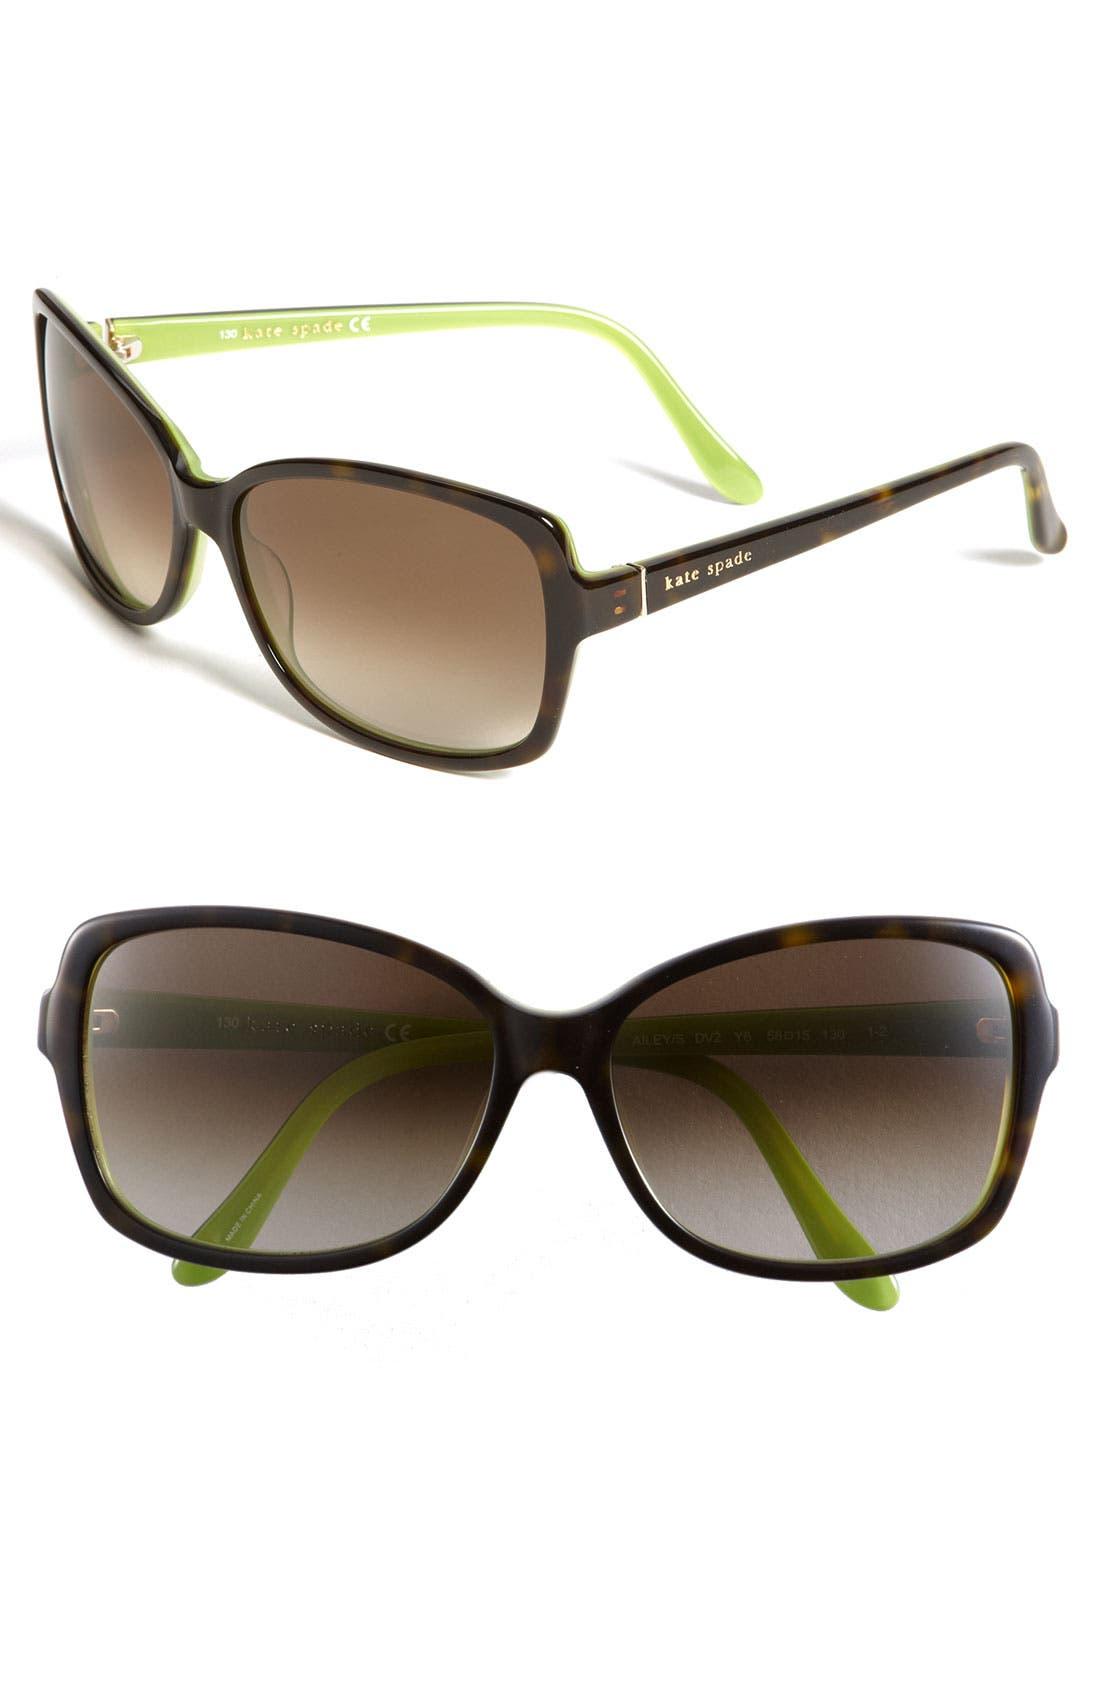 58mm two-tone sunglasses,                             Main thumbnail 1, color,                             Tortoise Kiwi